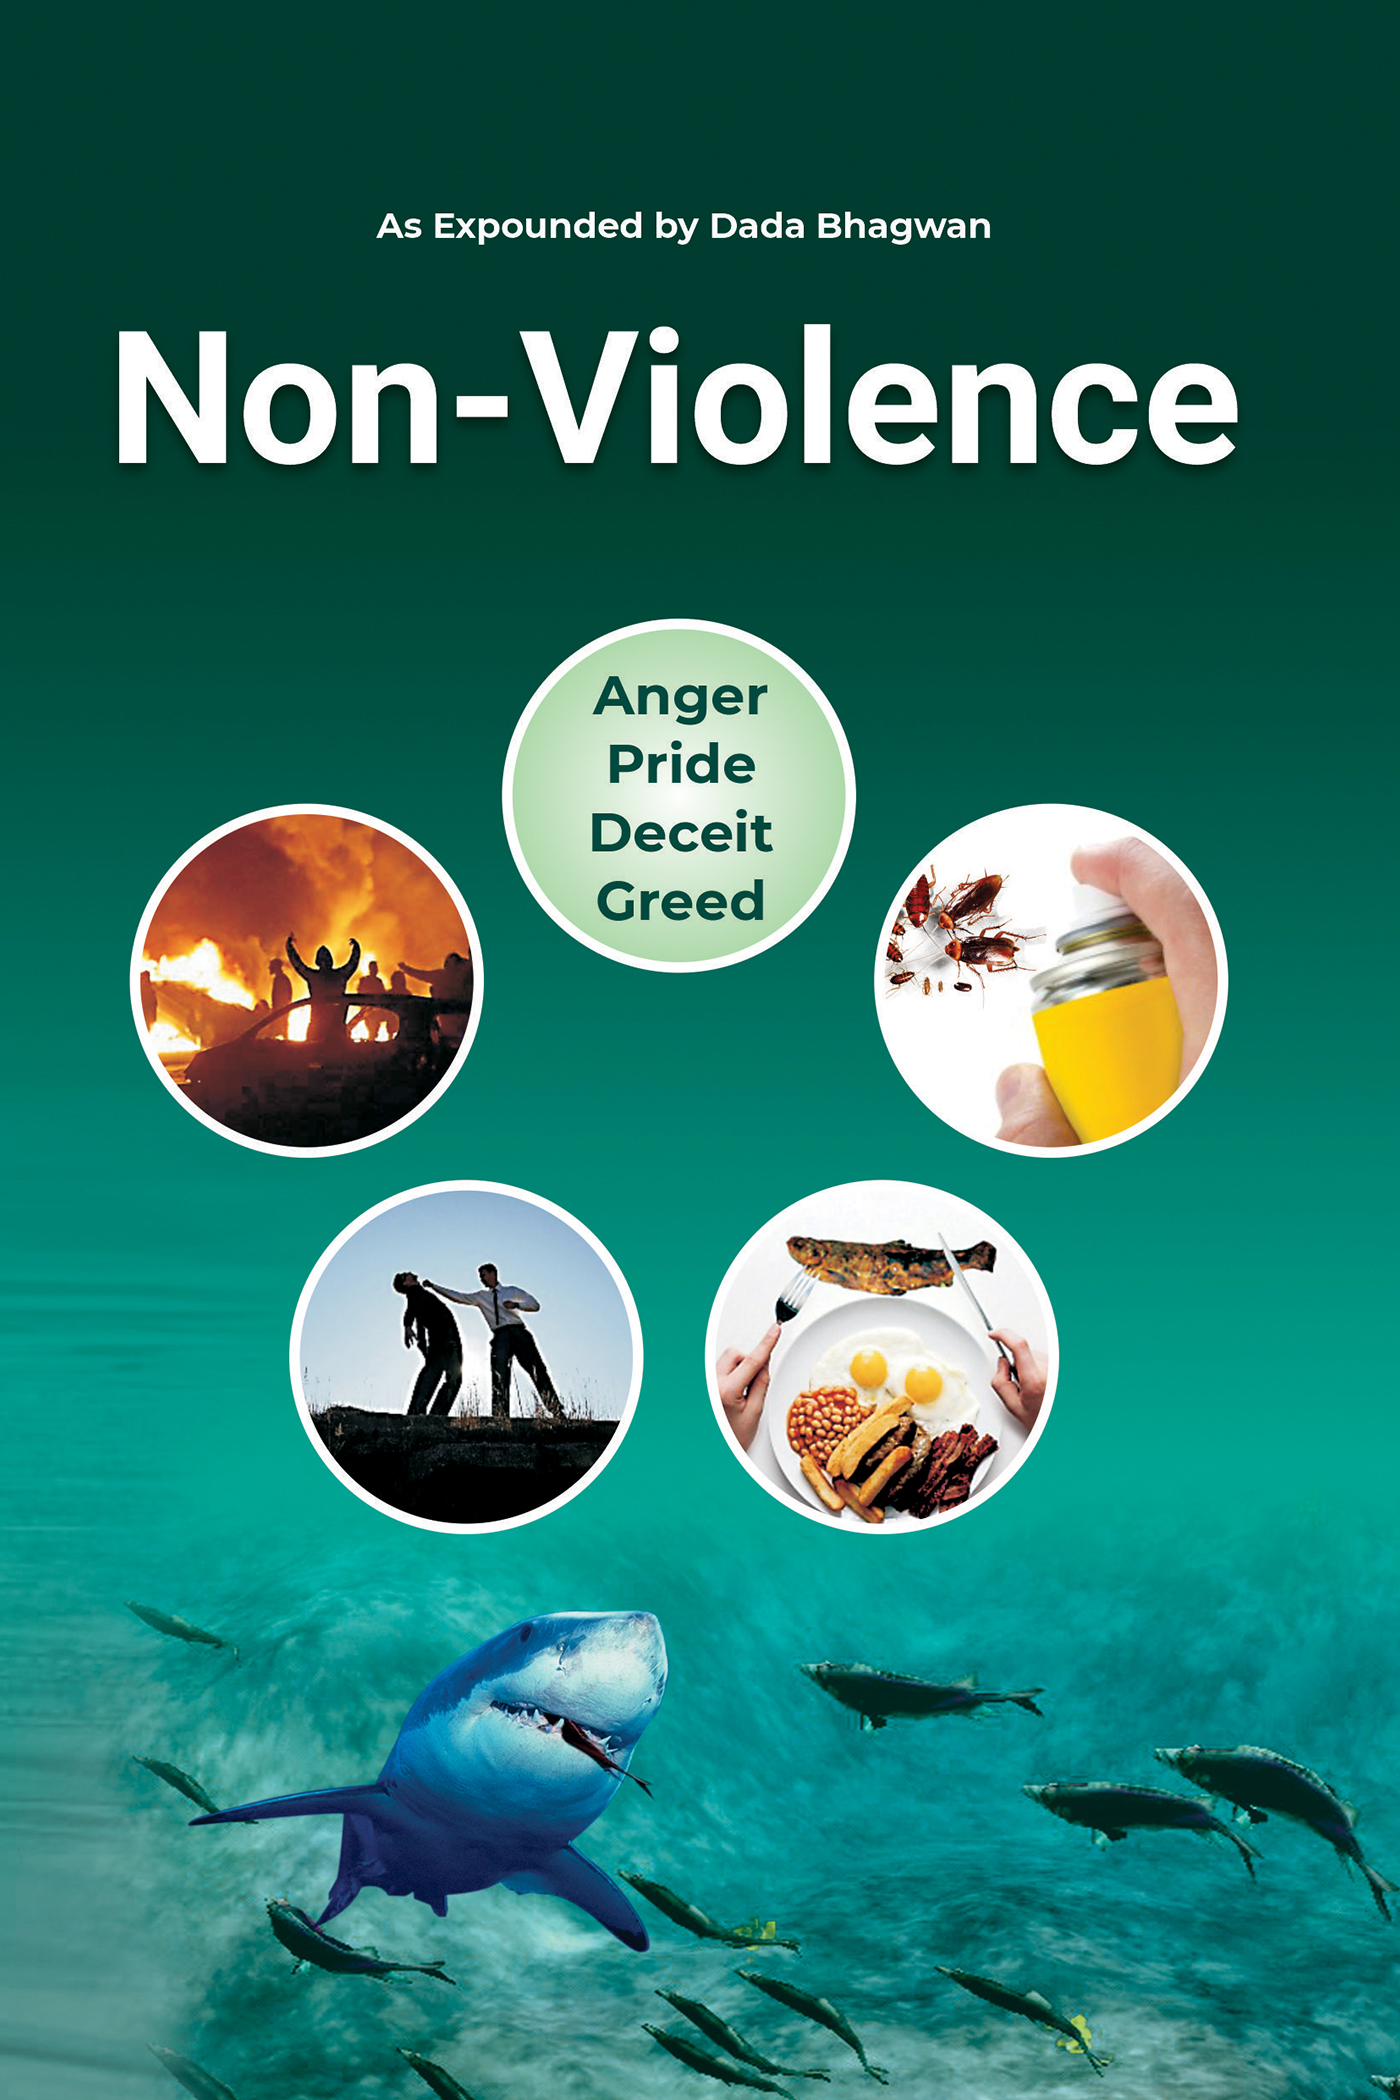 Non-Violence